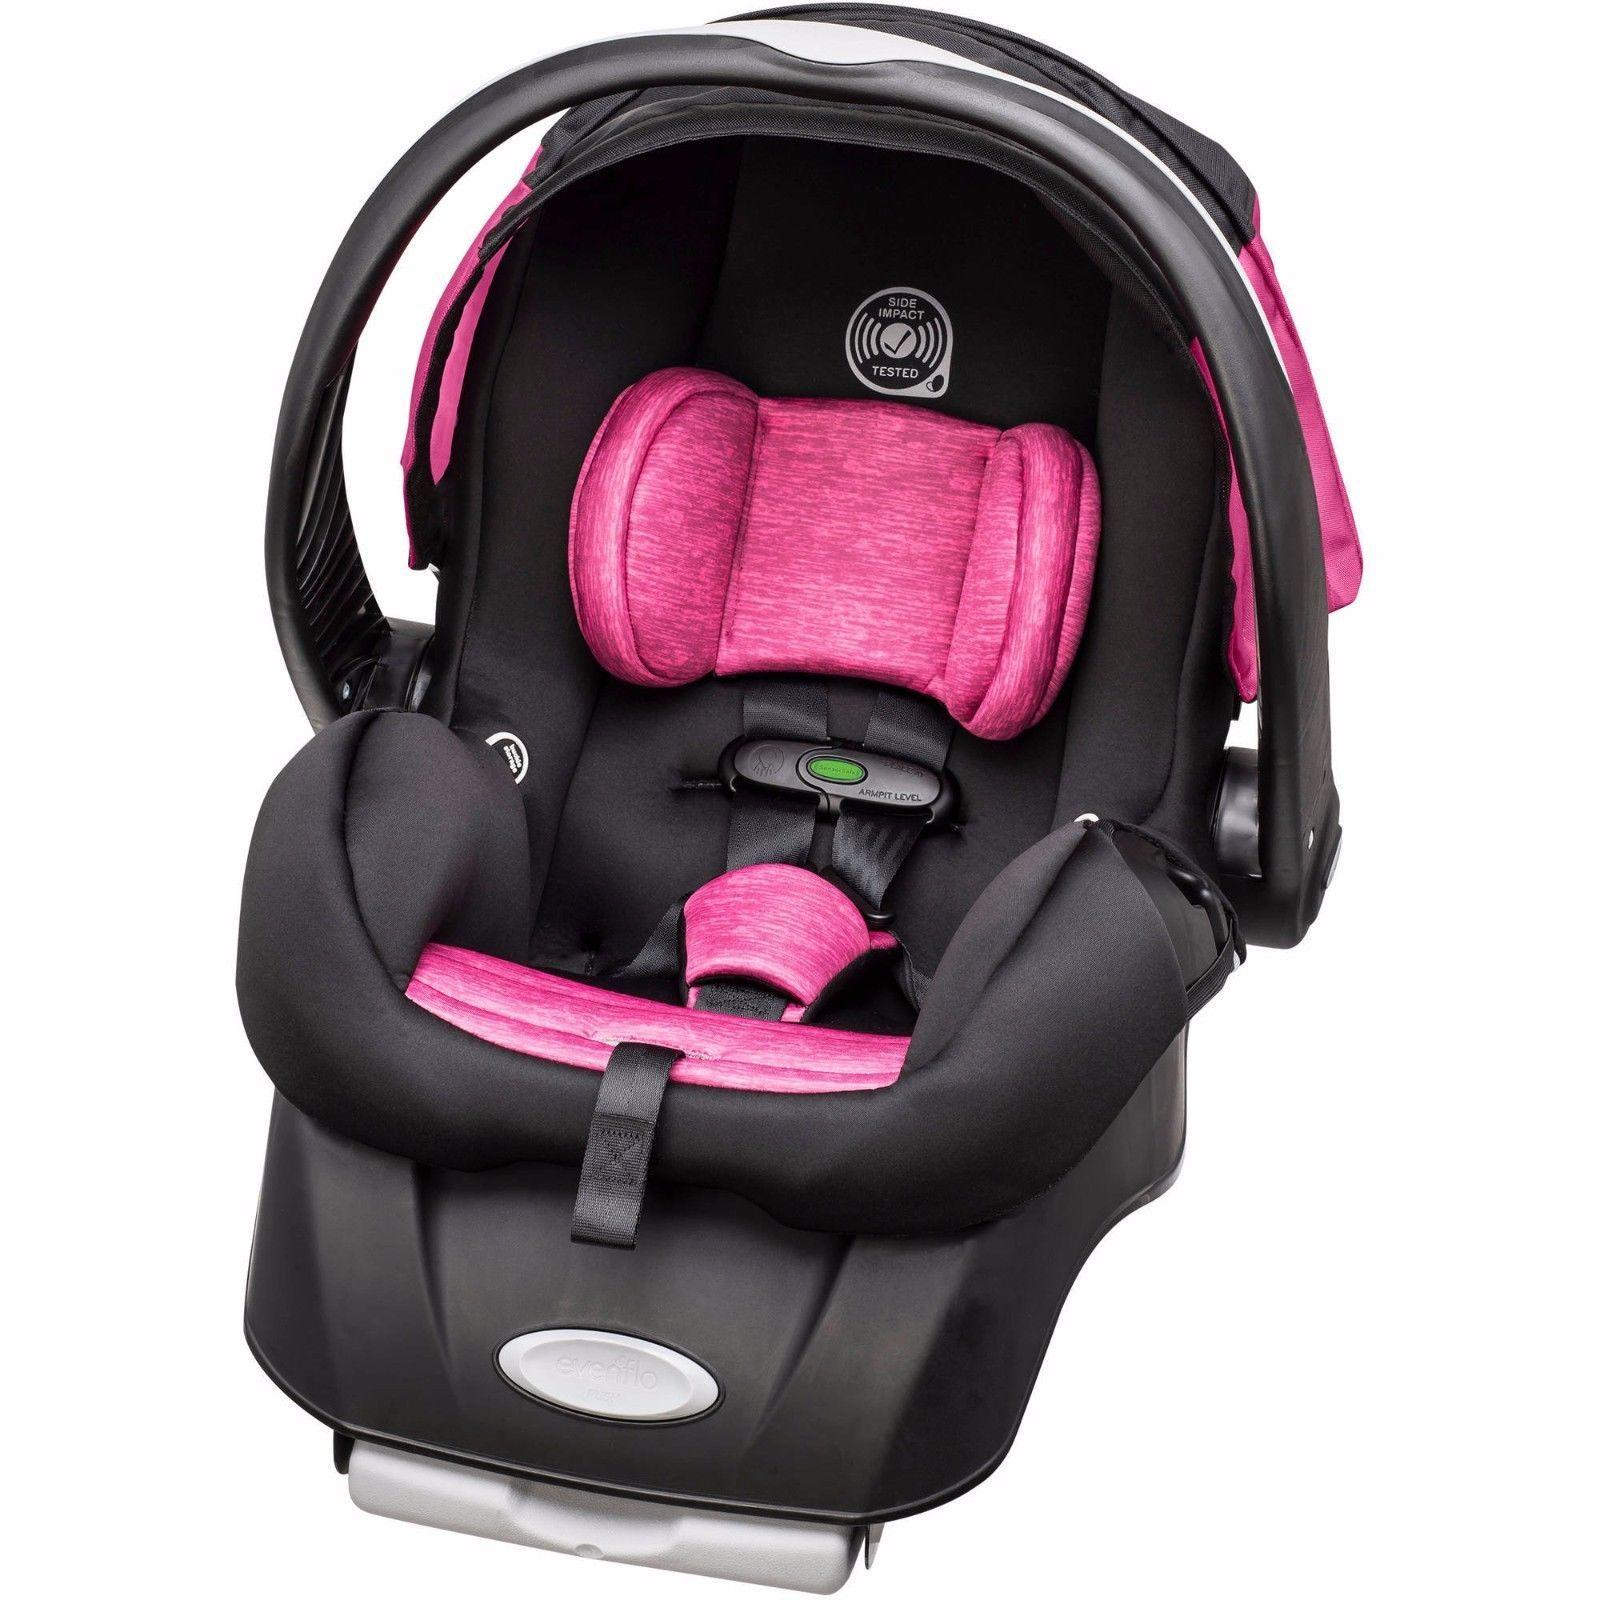 baby car seat infant child safety safe sensor evenflo girls boys embrace new convertible car. Black Bedroom Furniture Sets. Home Design Ideas